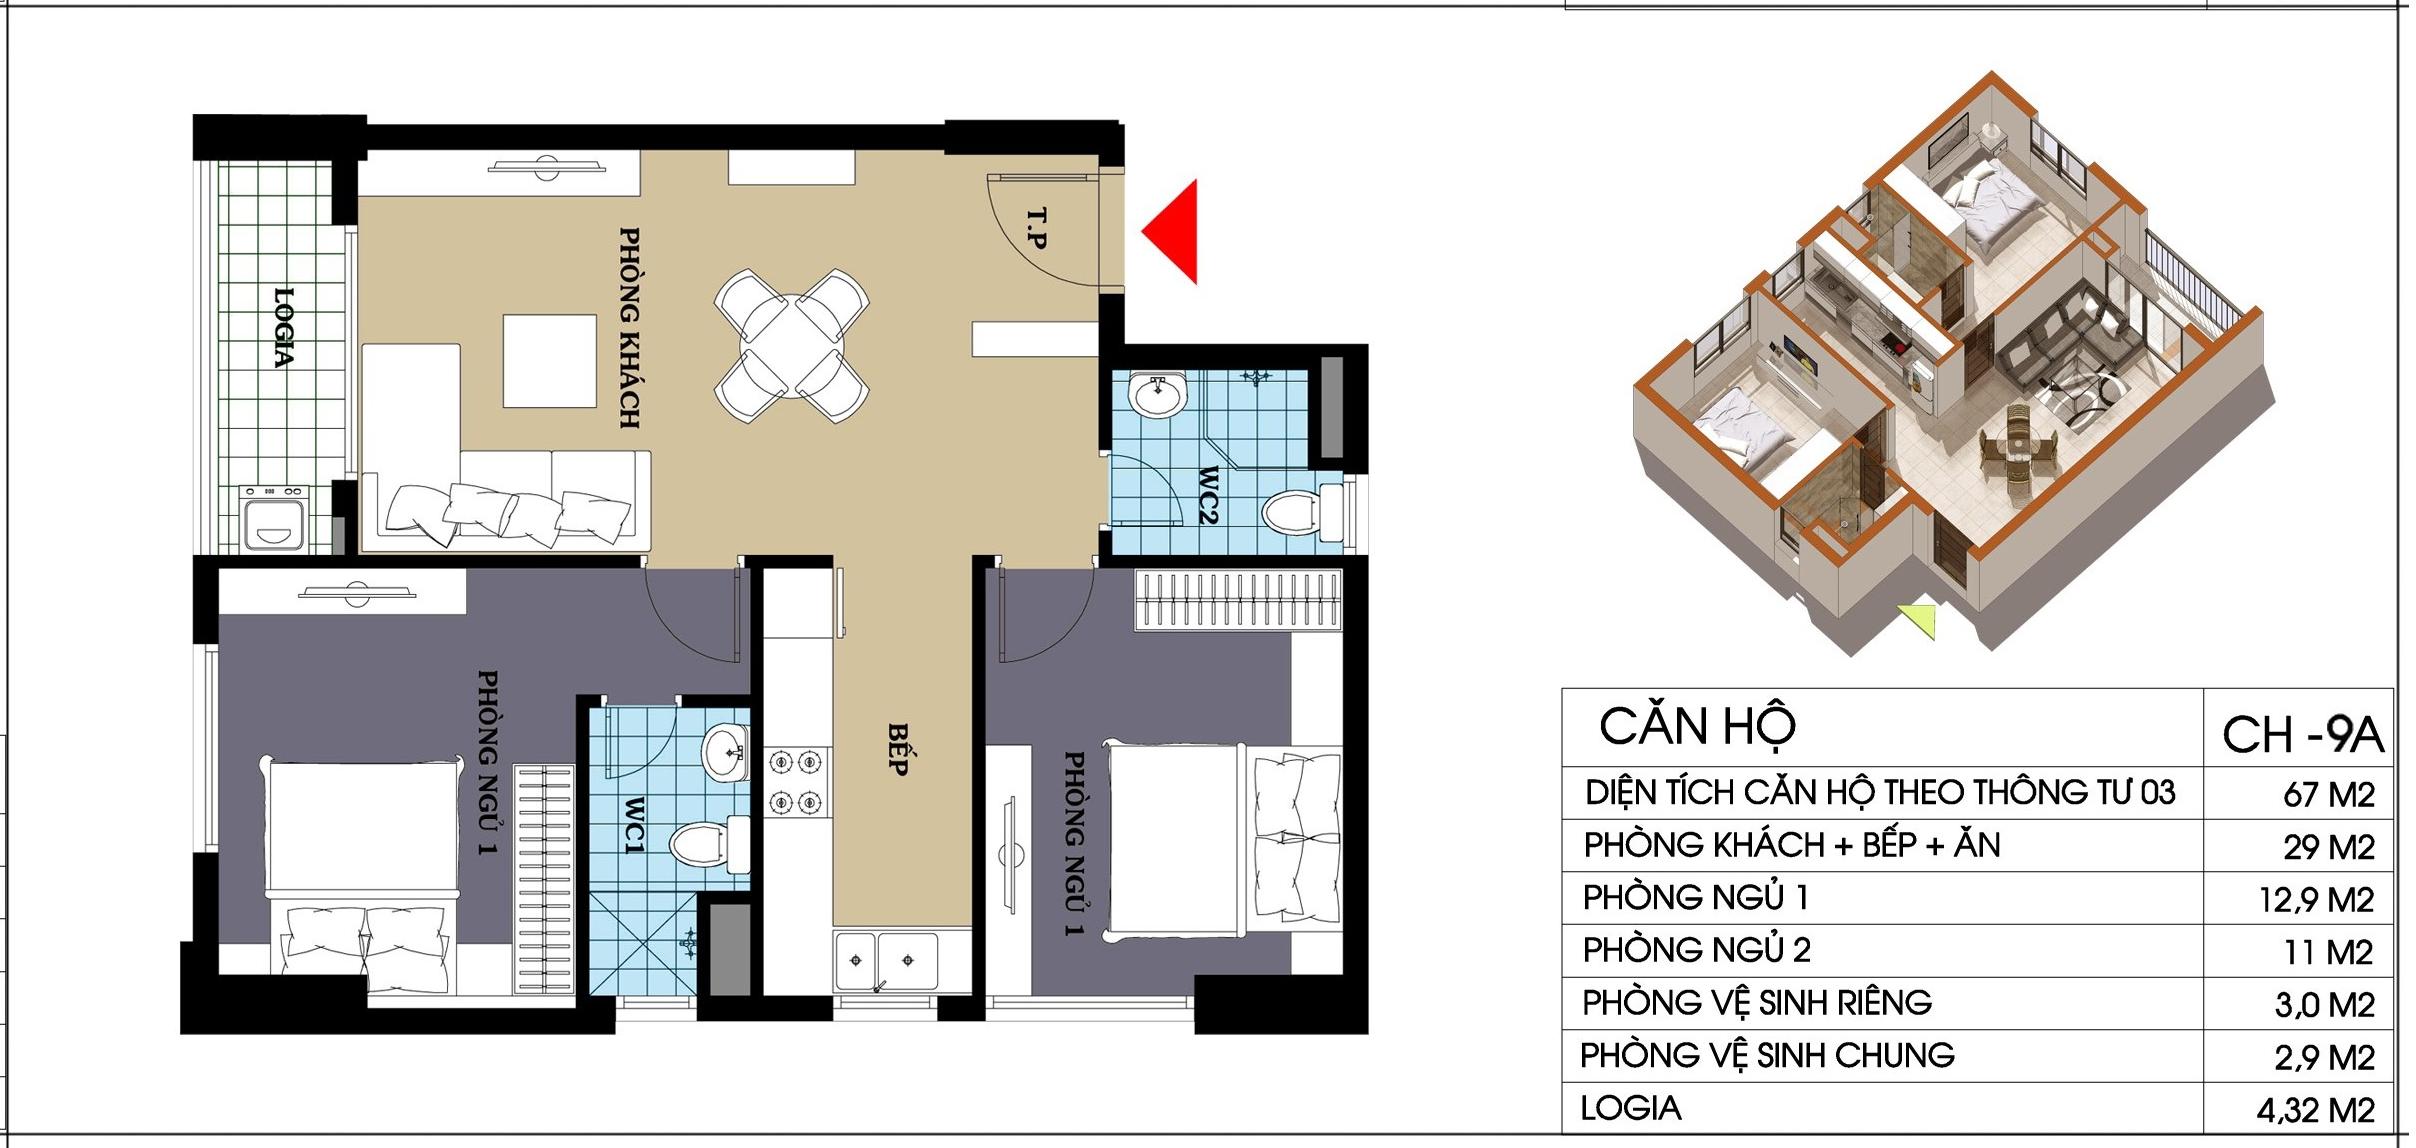 căn hộ 9a chung cư @home